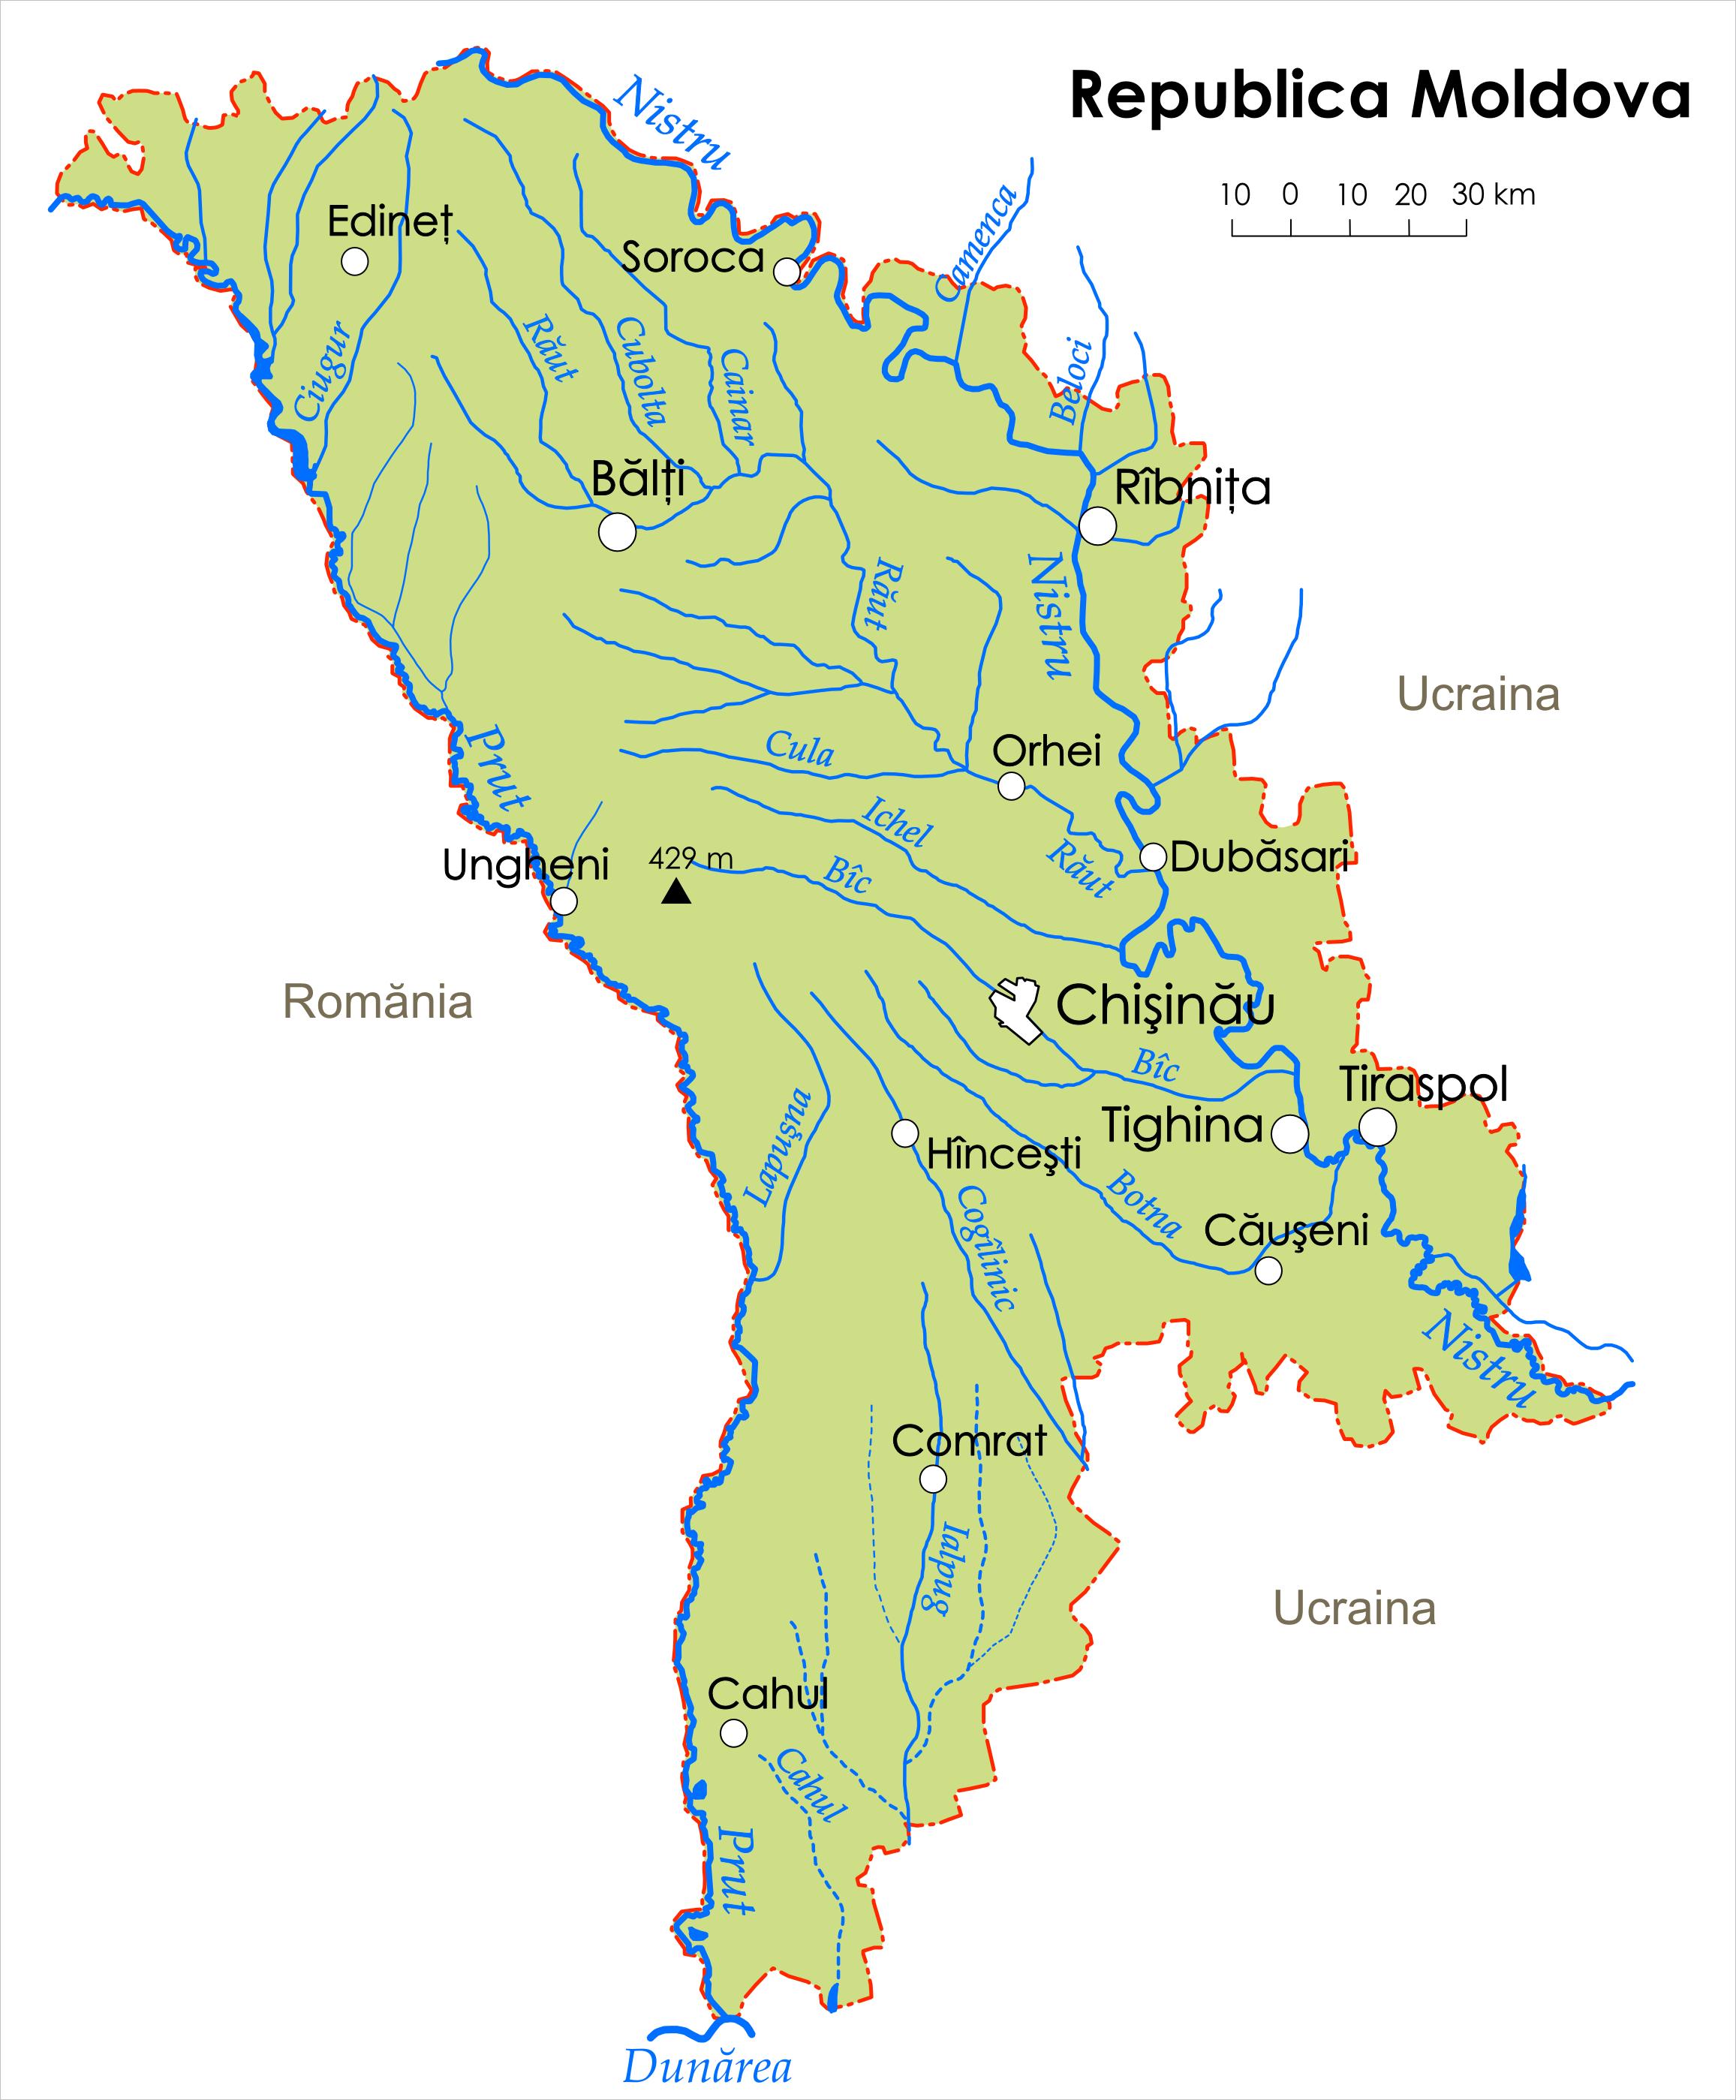 moldova kart Kart Over Argentina Kart moldova kart